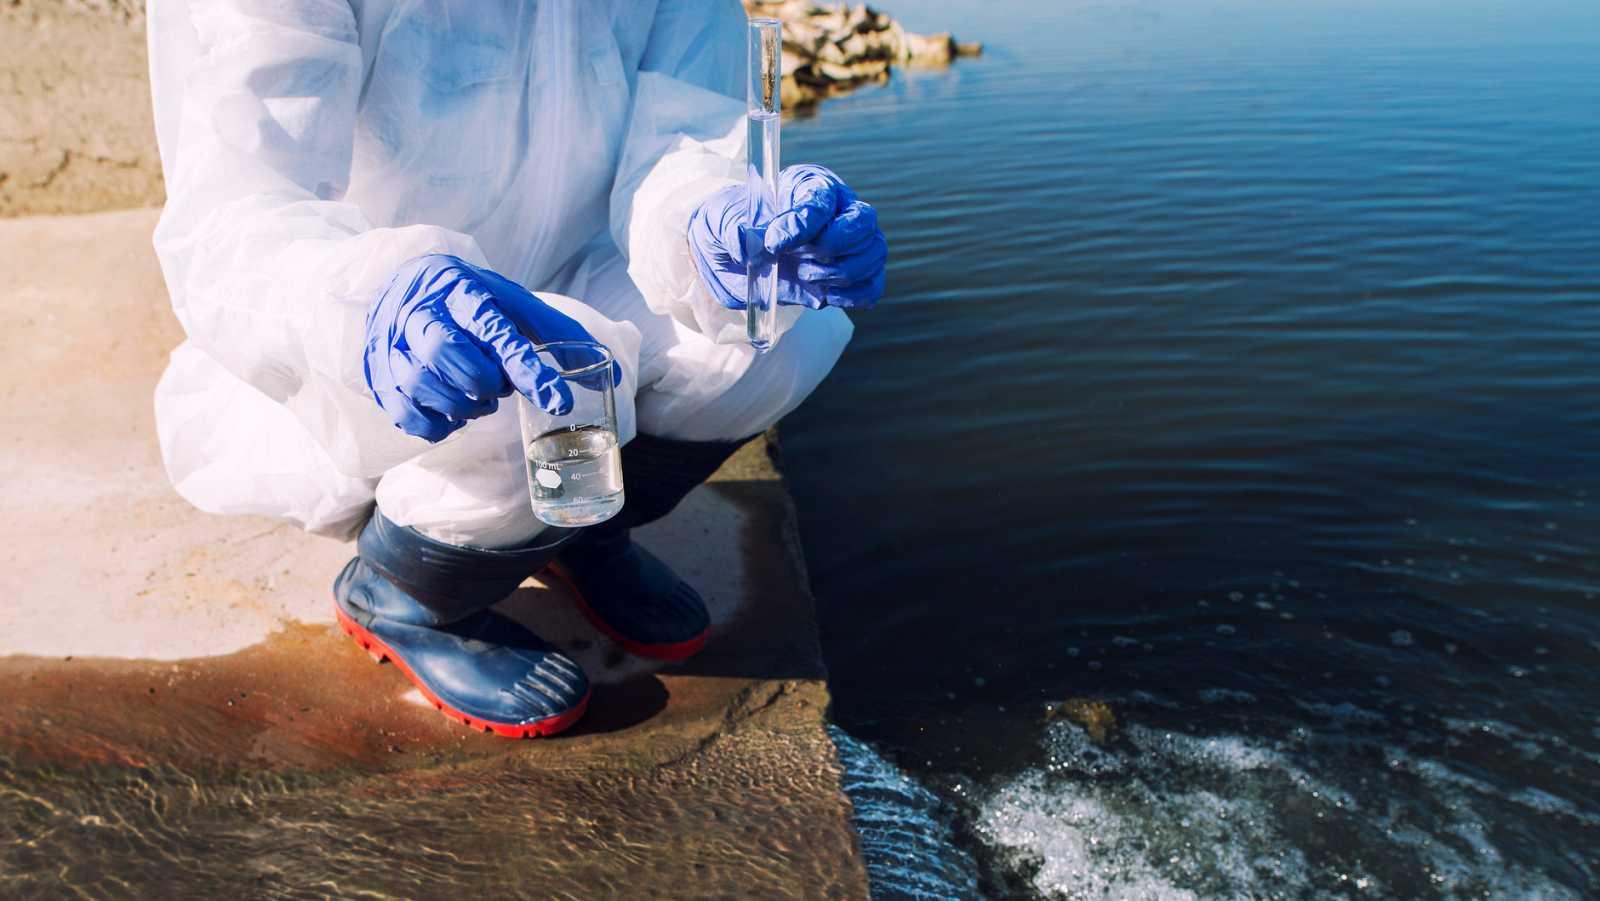 El muestreo de redes de alcantarillado y estaciones depuradoras es una herramienta muy eficaz en el control epidemiológico.